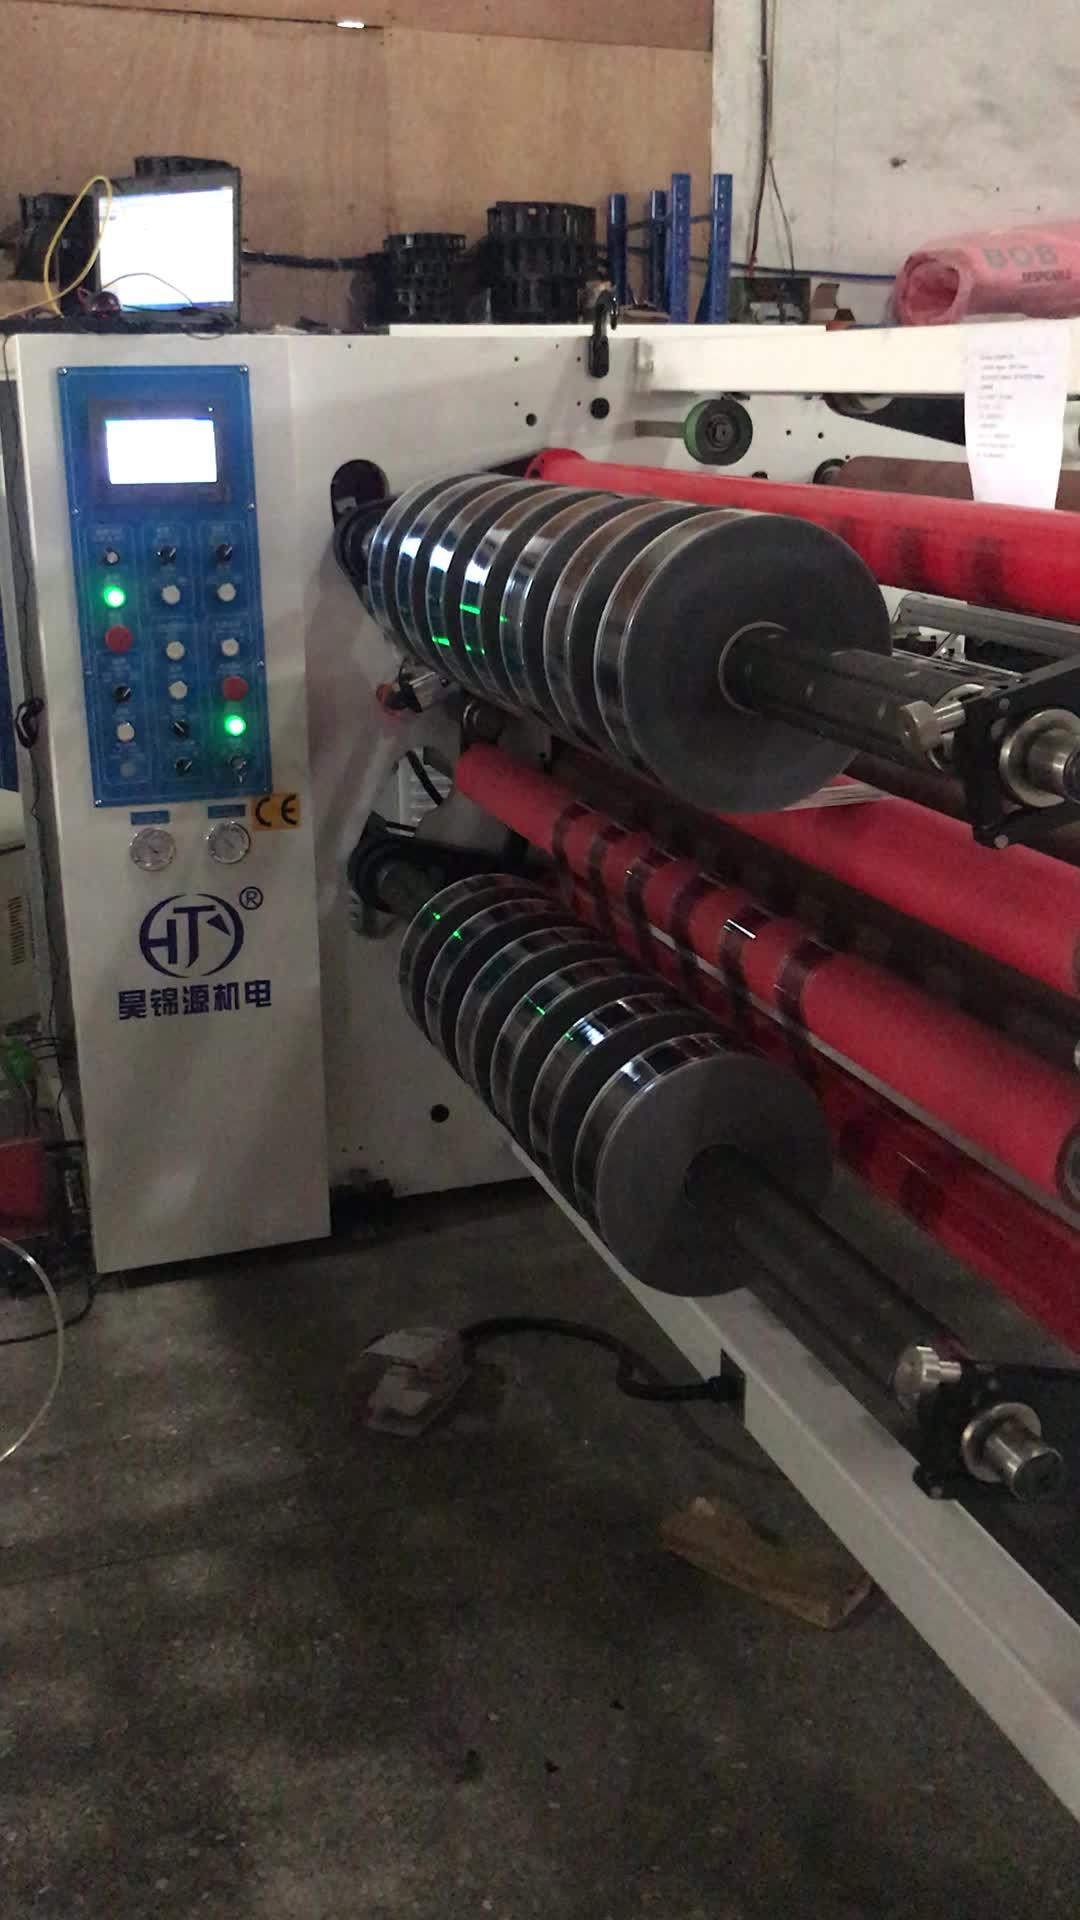 HJY-FQ01 bopp film dilme makinesi